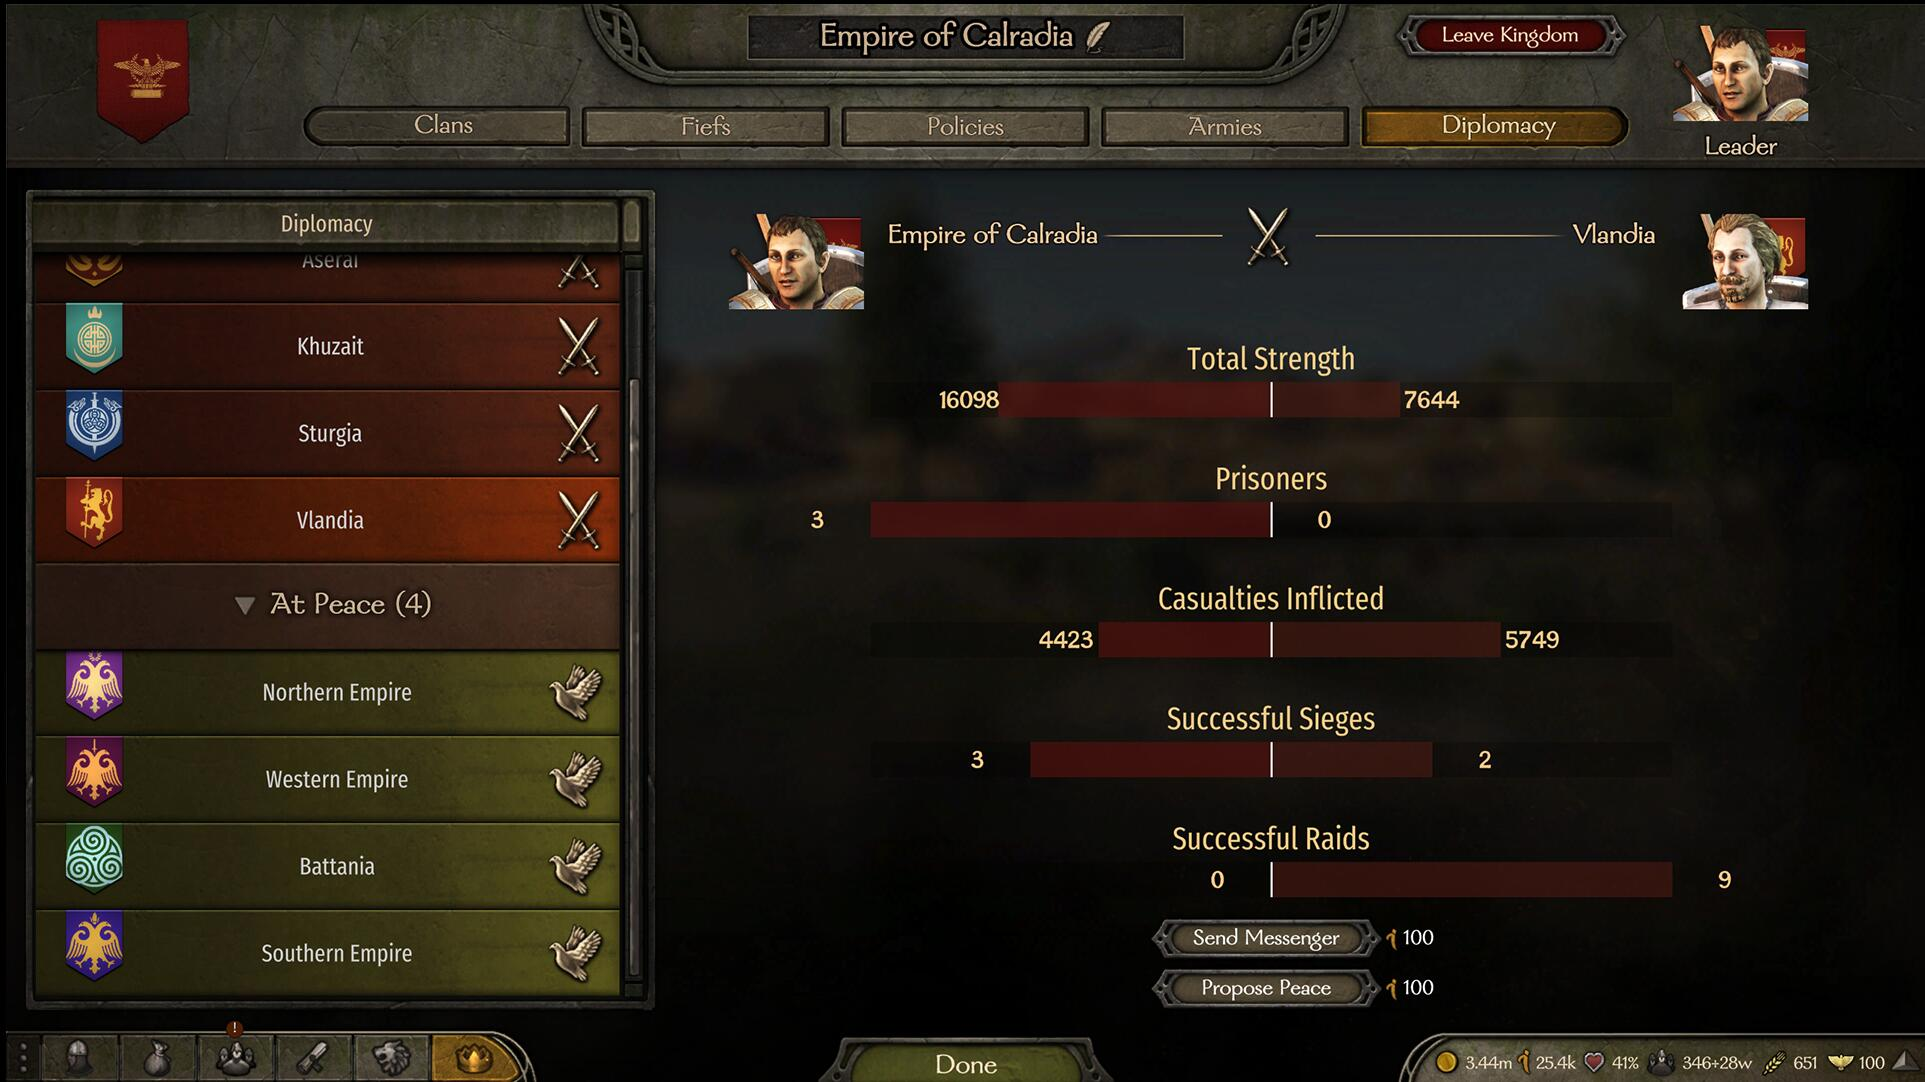 外交完善-在王国面板增加宣战议和谈判等功能![Diplomacy Fixes]